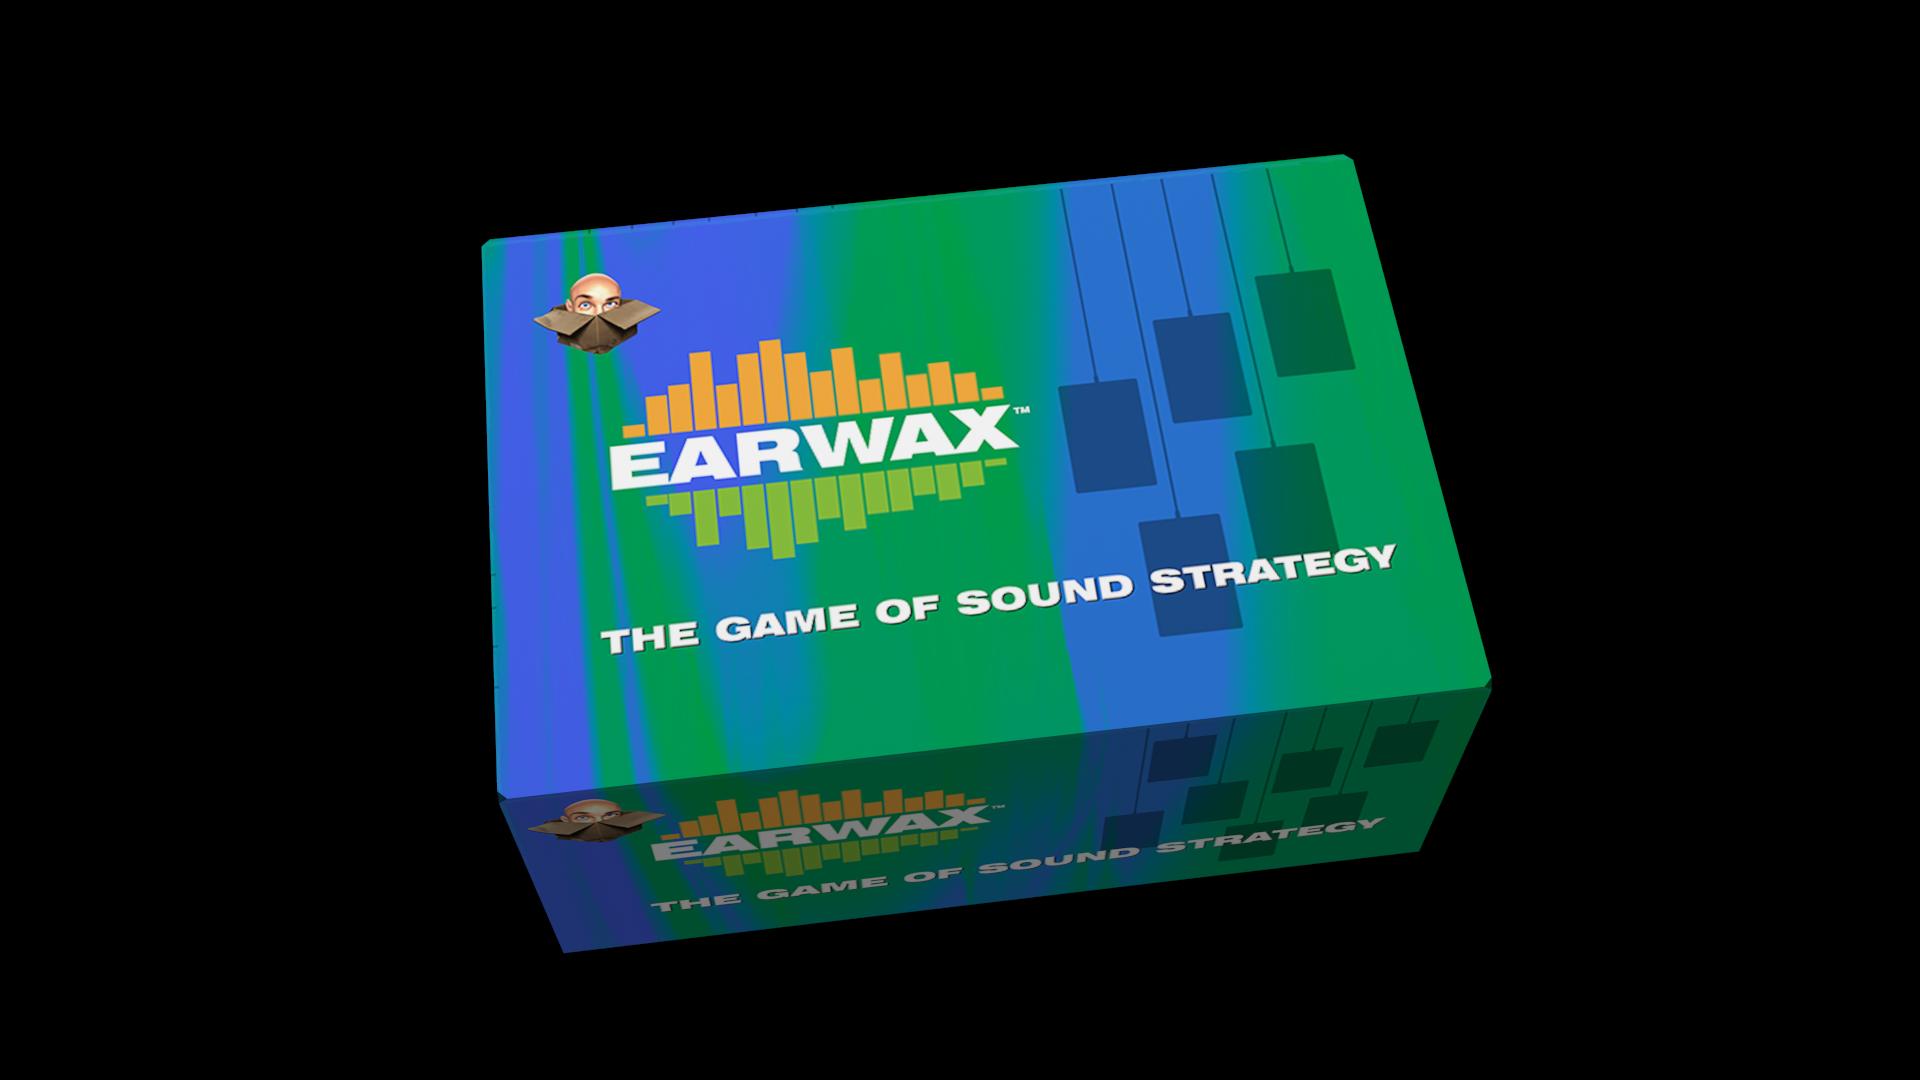 Earwax - Jackbox Games